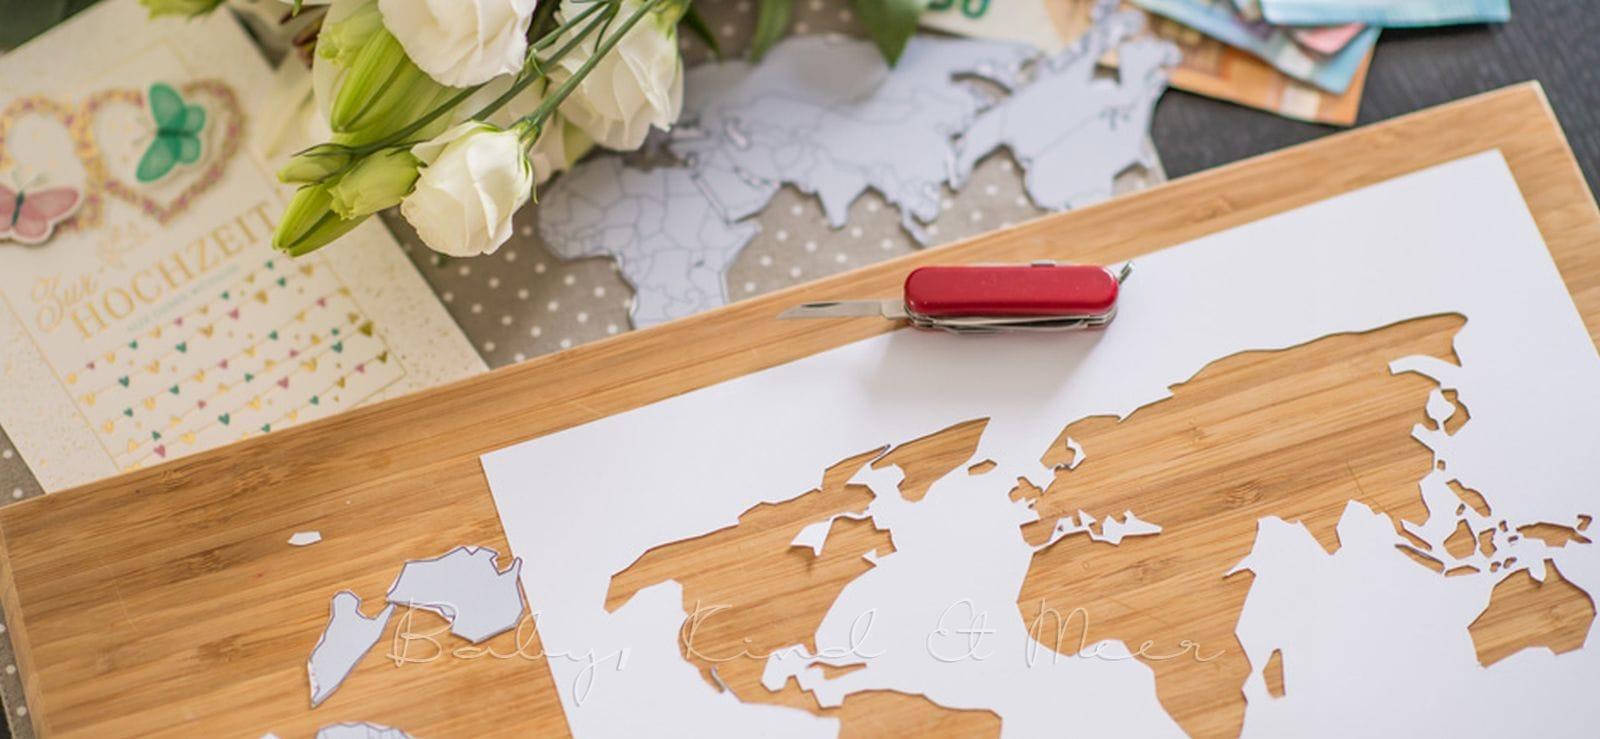 Diy: Geldgeschenk Zur Hochzeit - Diy, Inspirationen - Baby mit Weltkarte Selber Machen